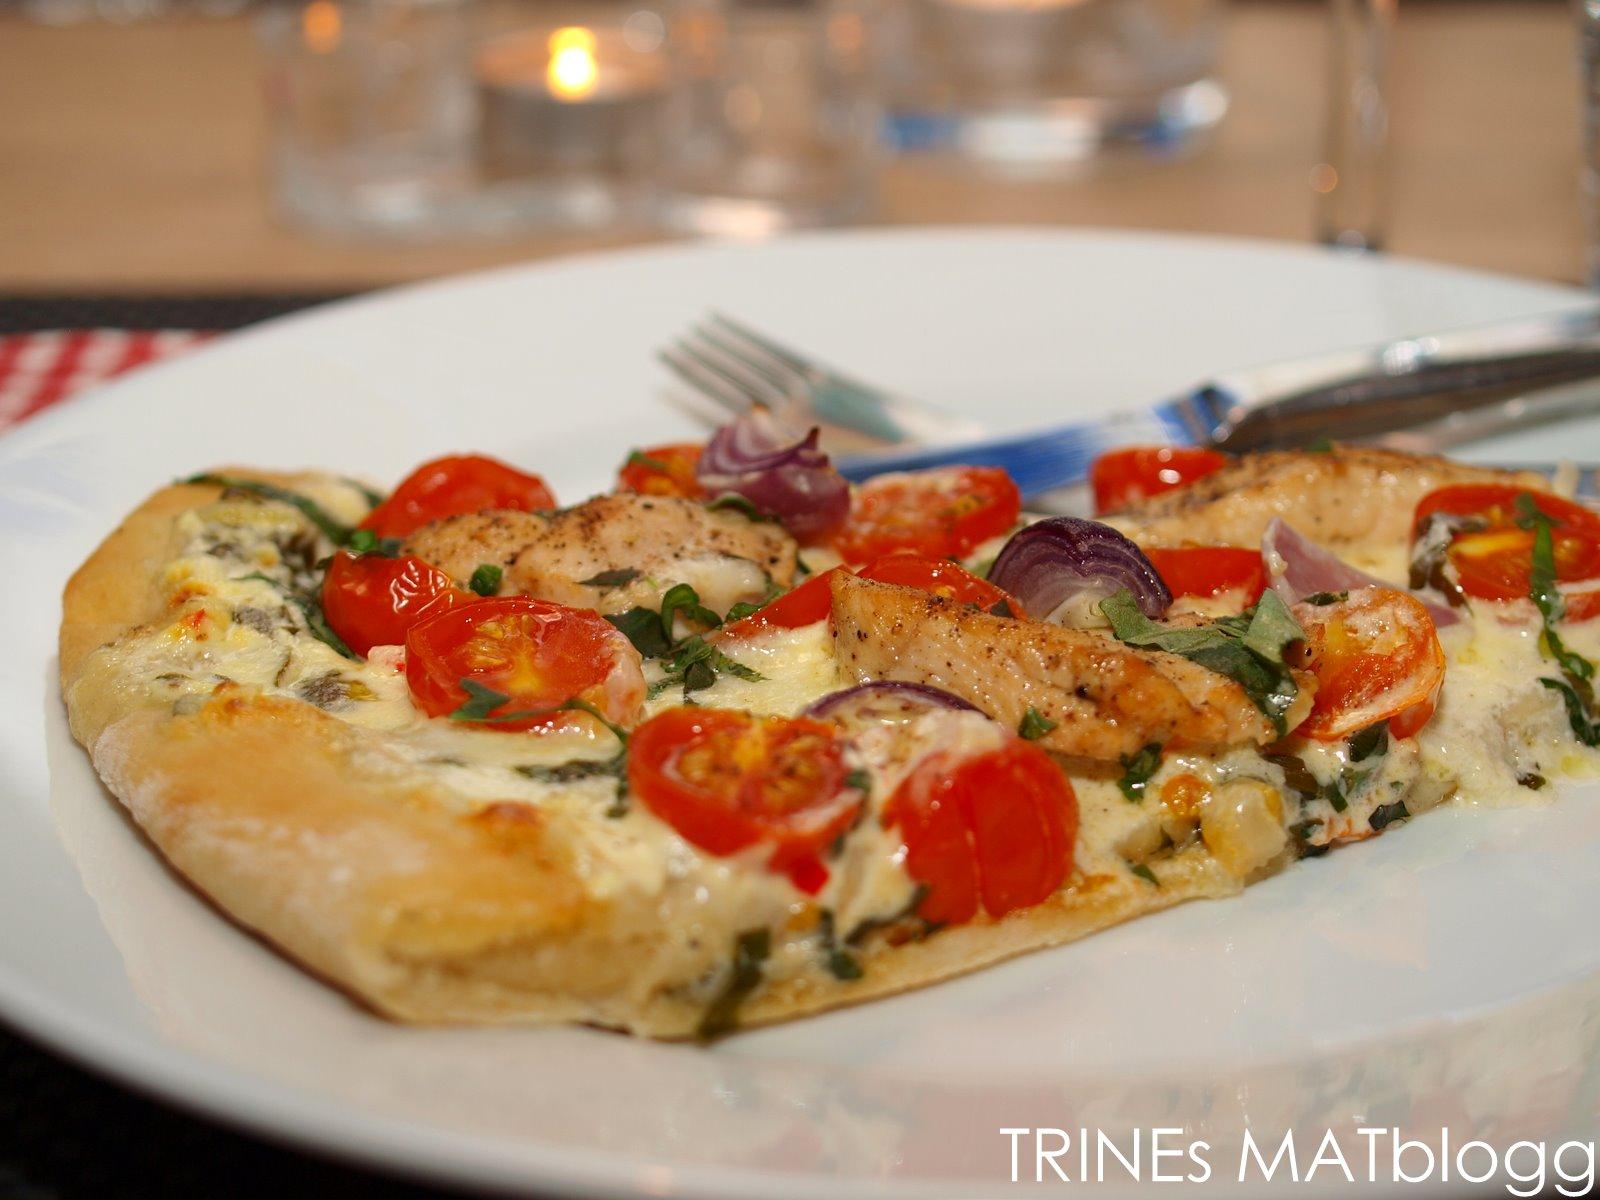 tunfisk pizza oppskrift